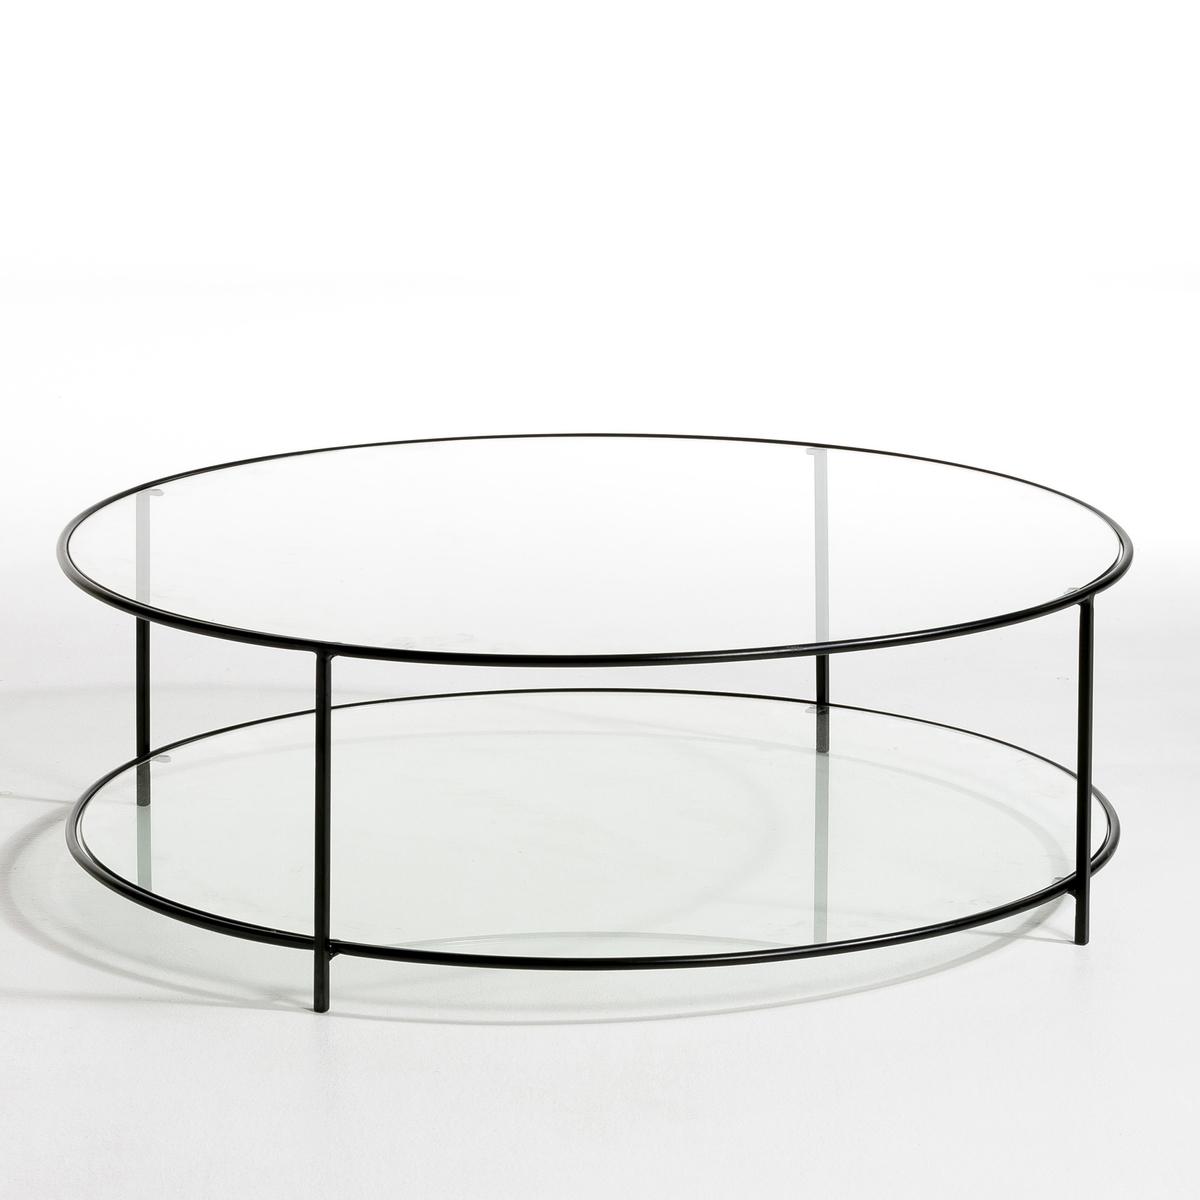 Стол La Redoute Журнальный круглый из закаленного стекла Sybil единый размер черный